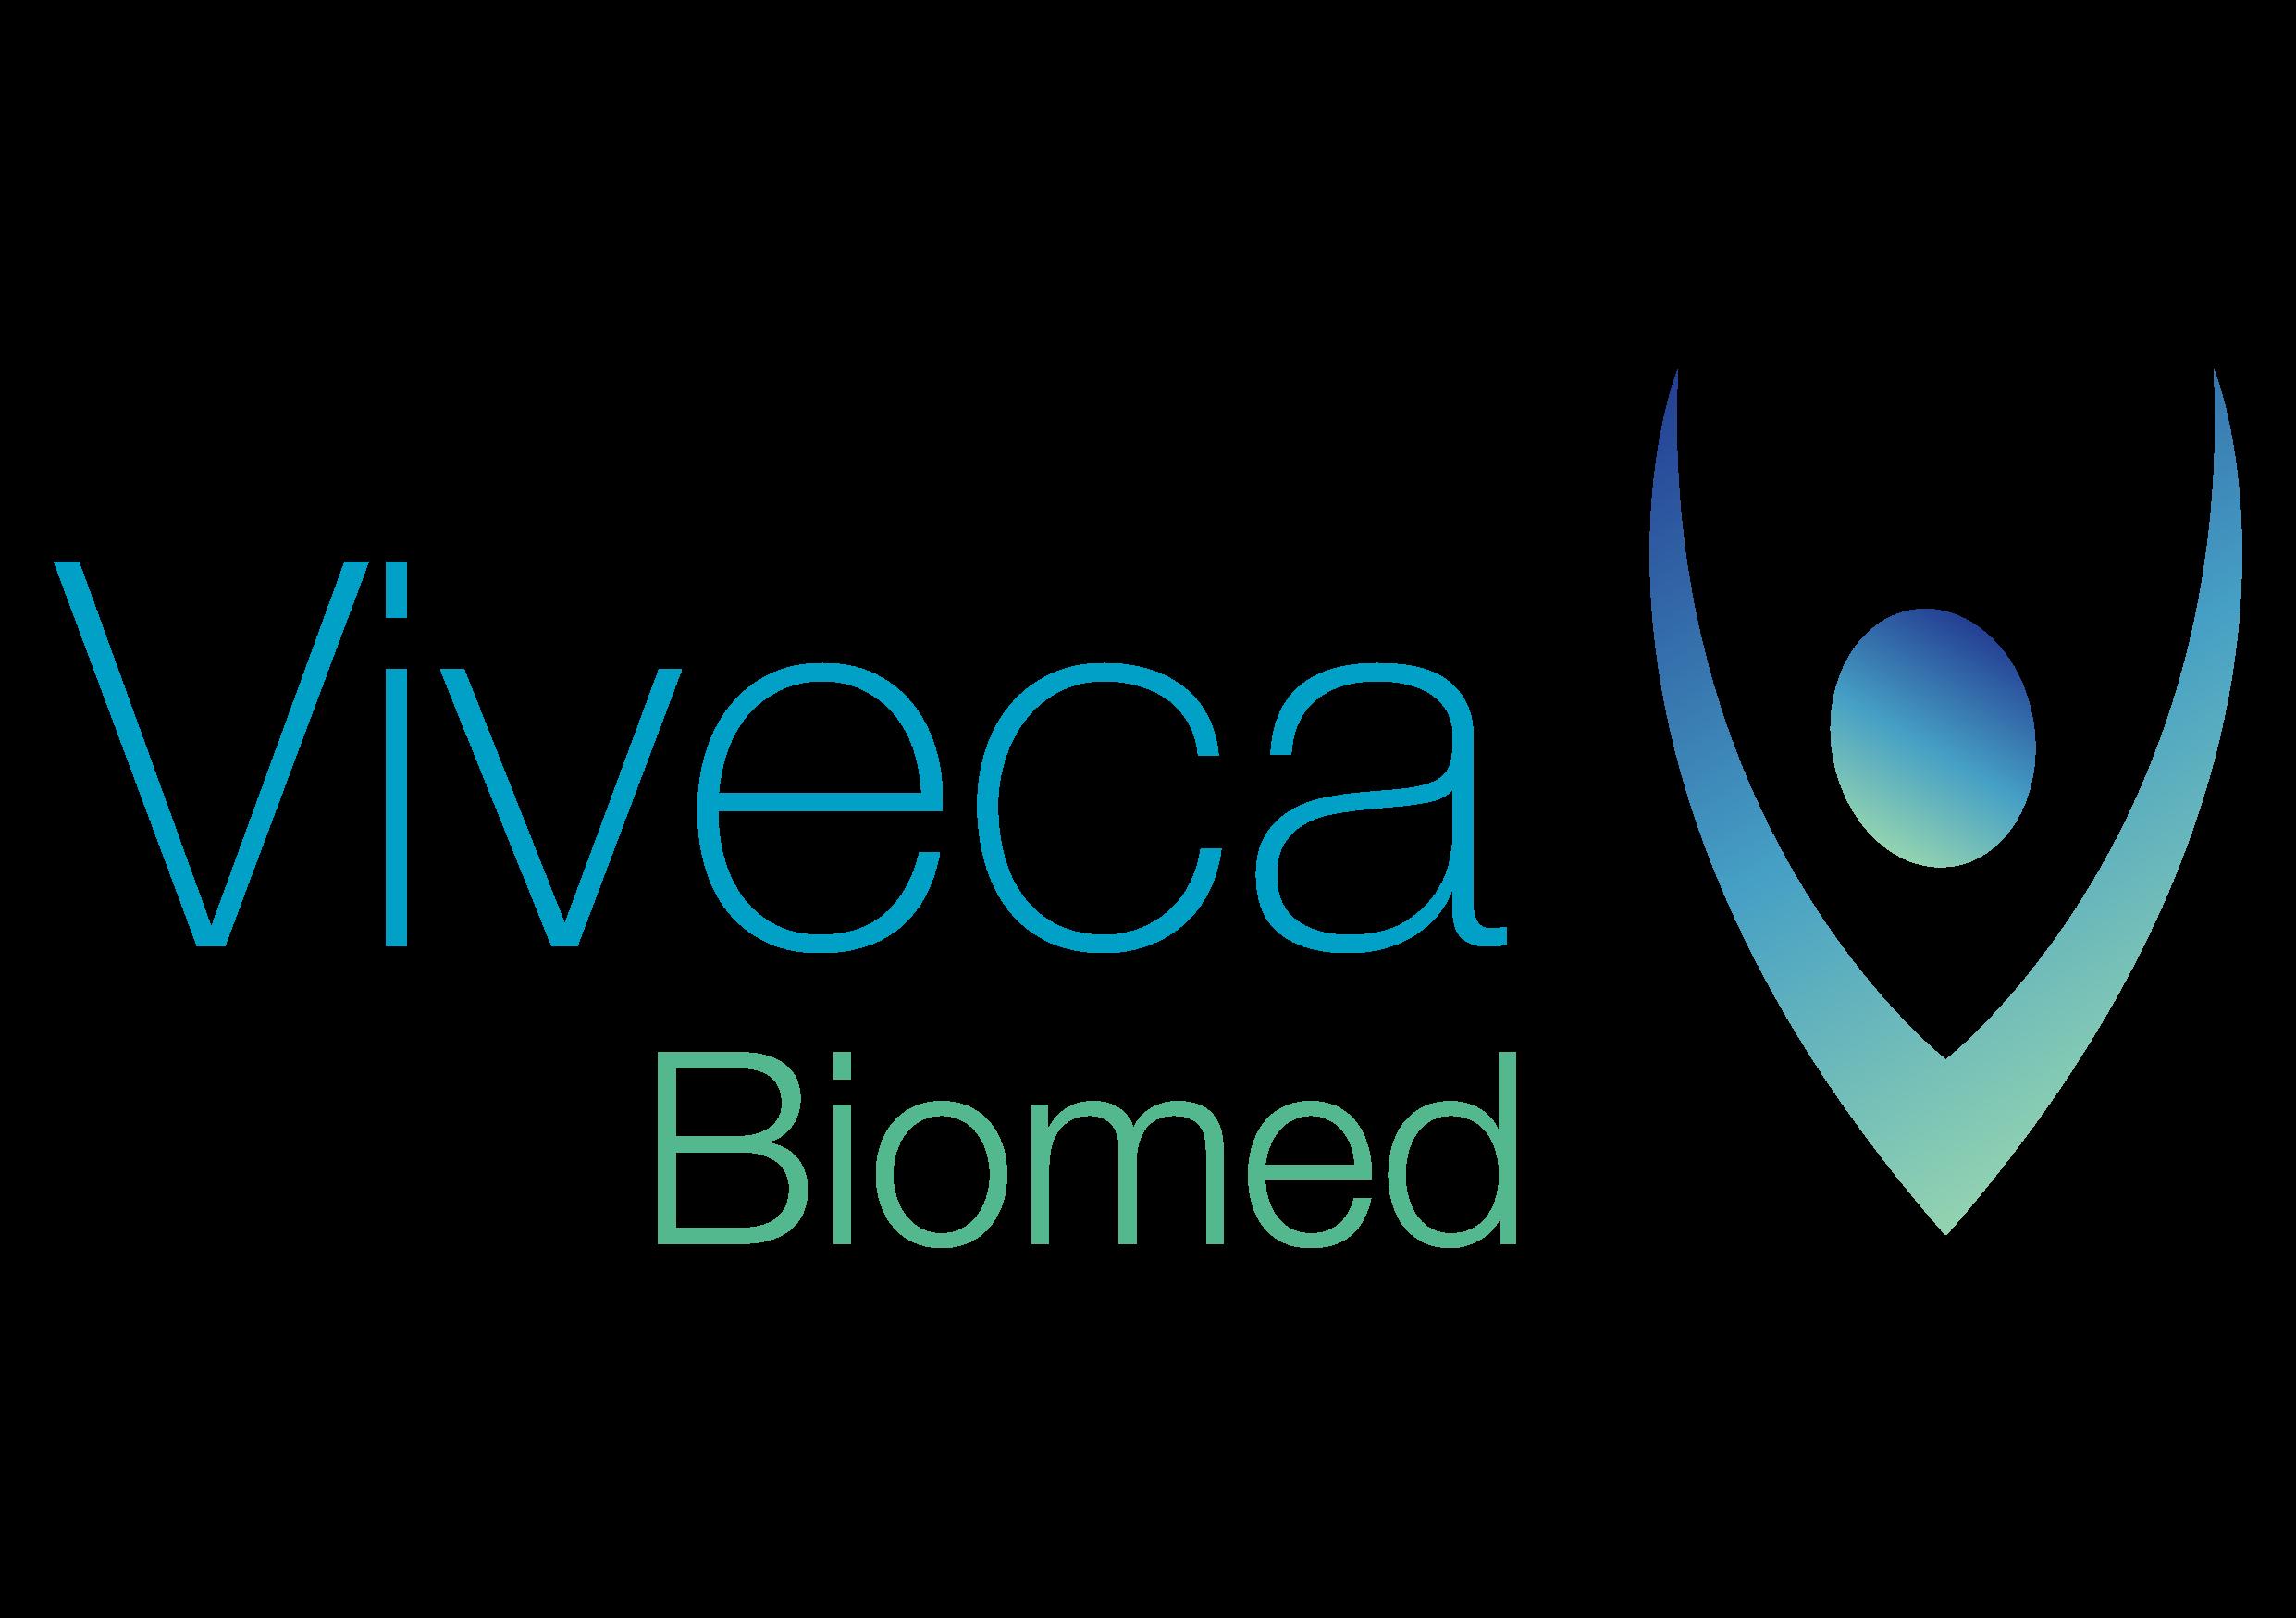 Viveca Biomed